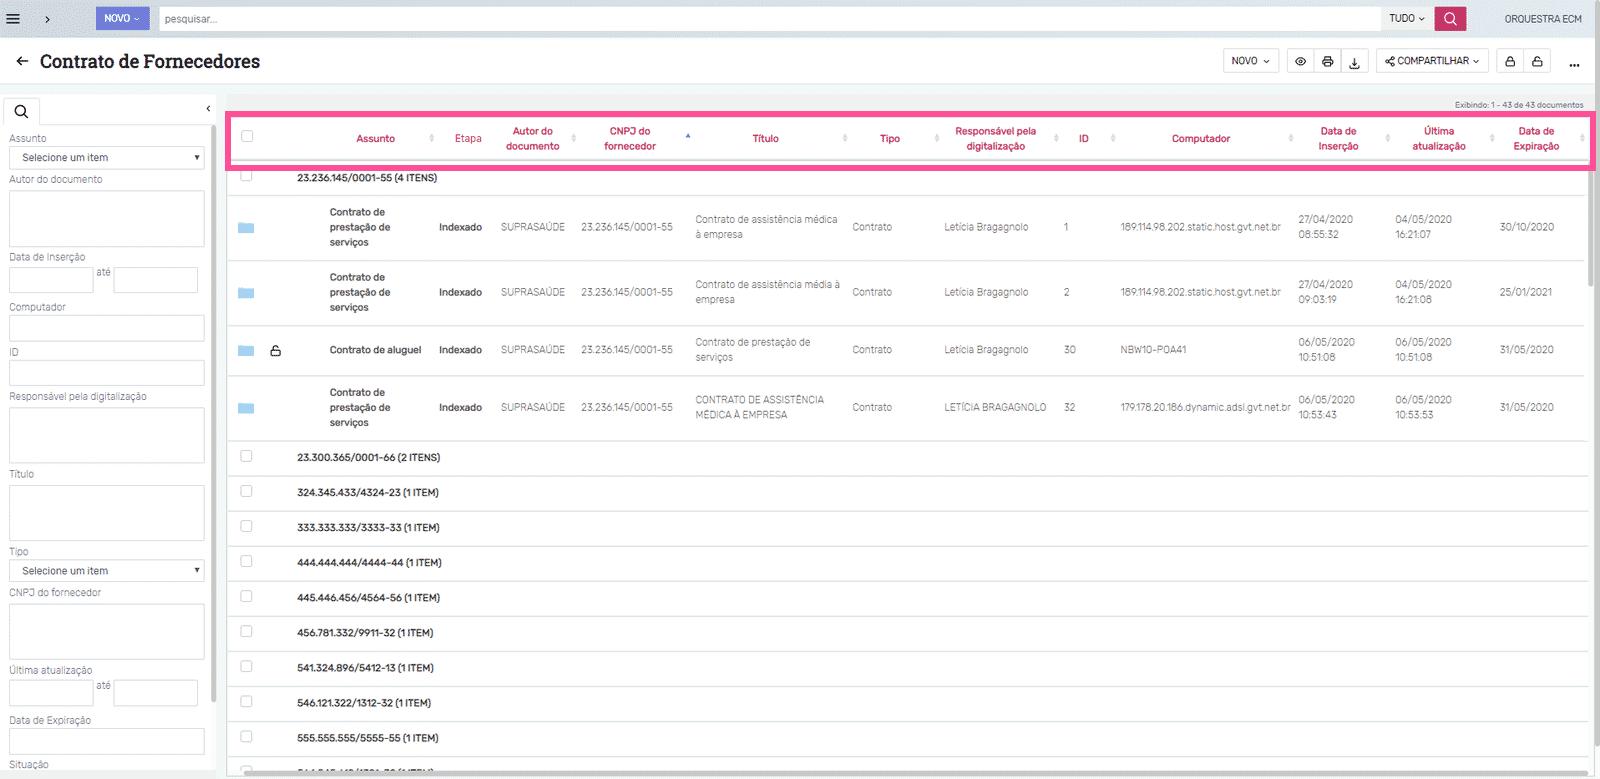 Descarte de documentos: metadados mínimos no ecm